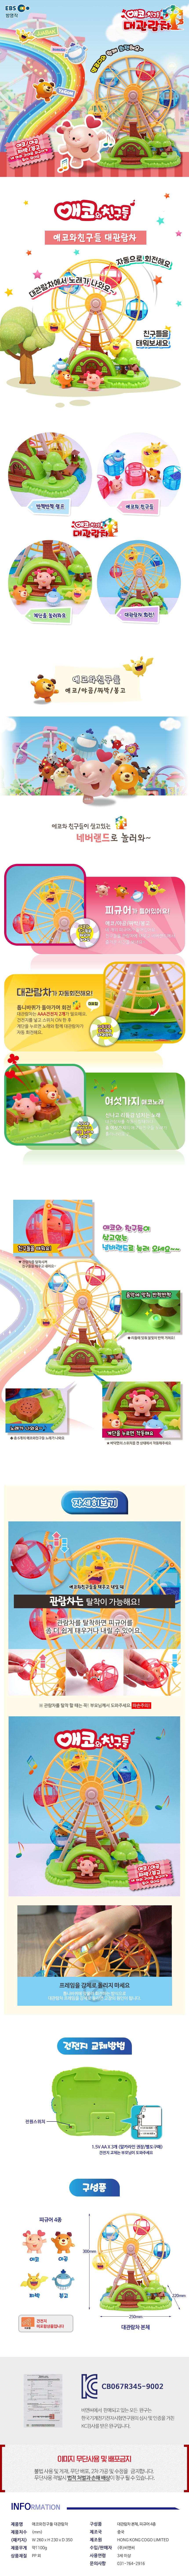 애코와 친구들 대관람차  EBS TV방영제품 - 비앤씨, 45,000원, 장난감, 장난감